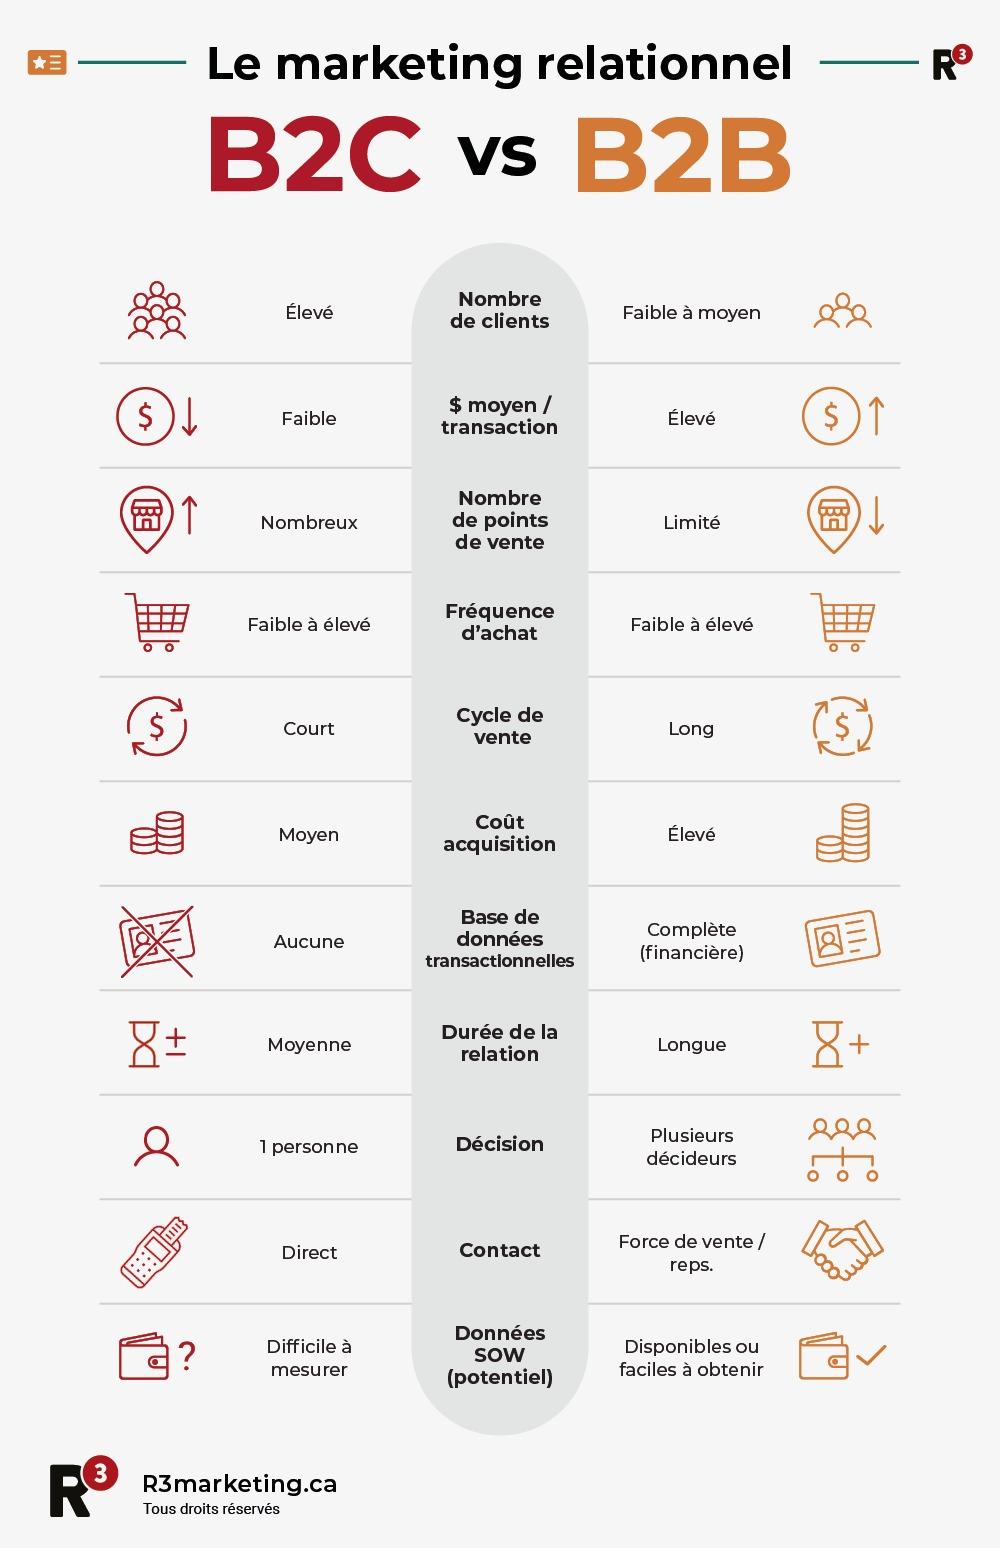 Infographie différences entre le marketing relationnel B2C et B2B